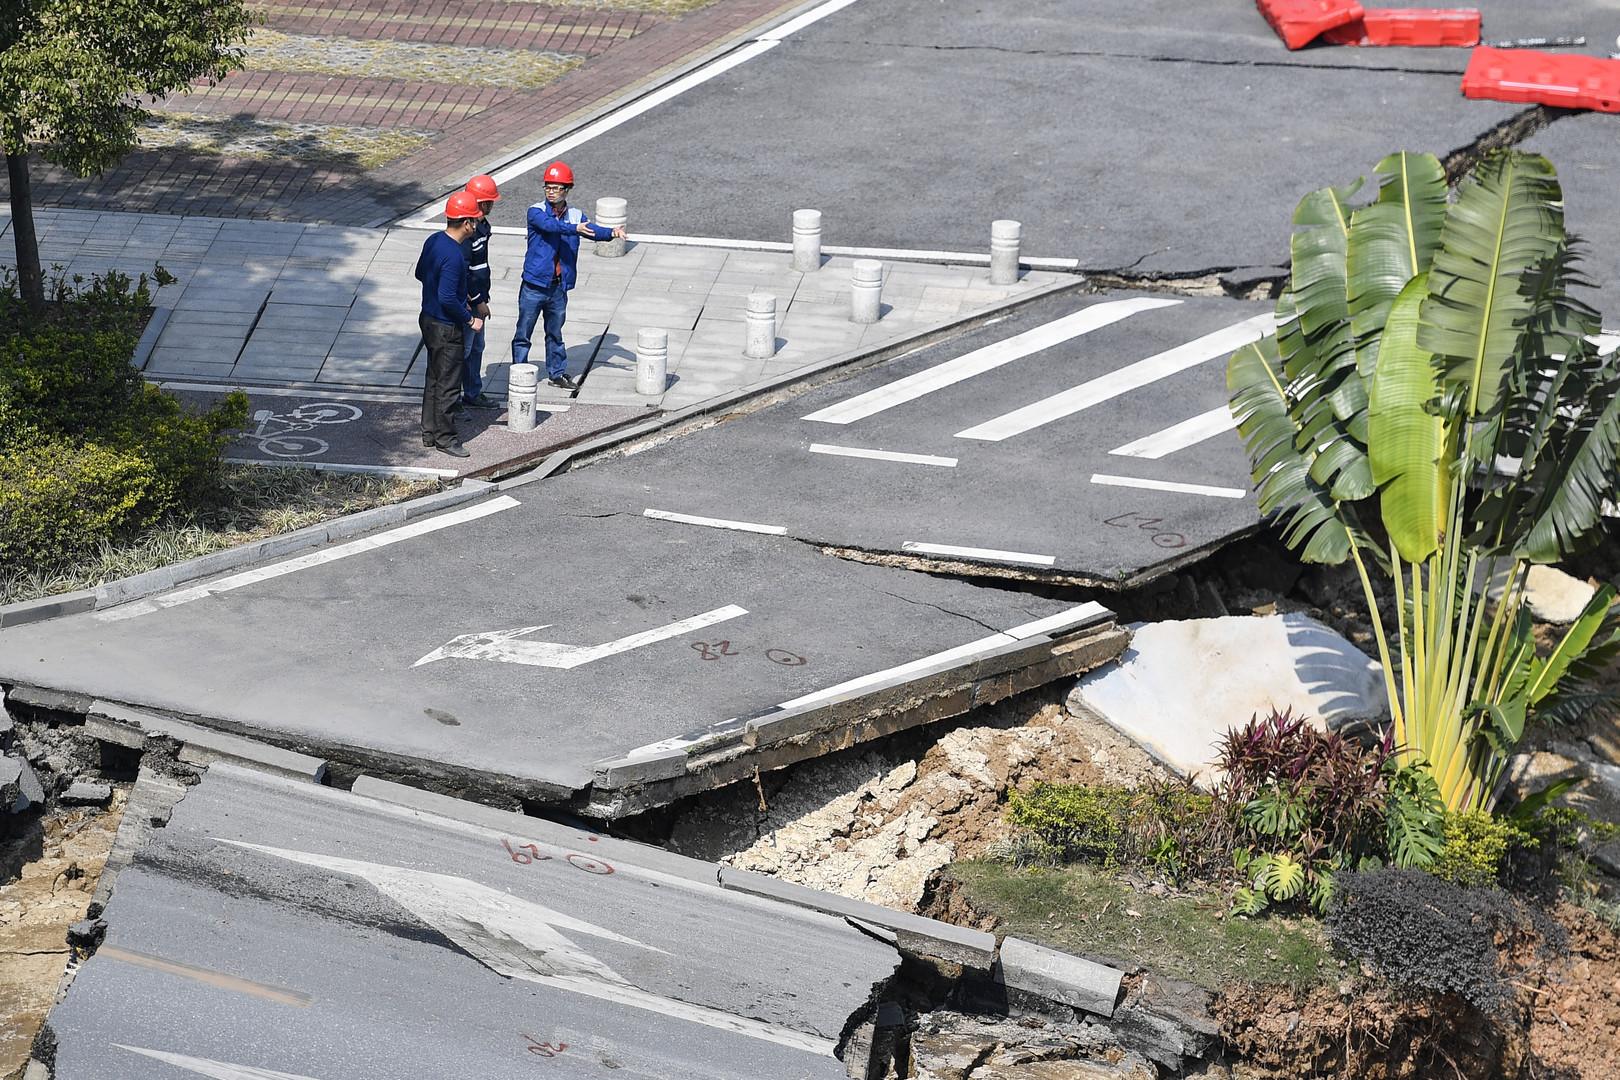 Heimweg von Arbeit wird zur Hölle: Autobahn in China stürzt ein – Acht Menschen sterben in Grube